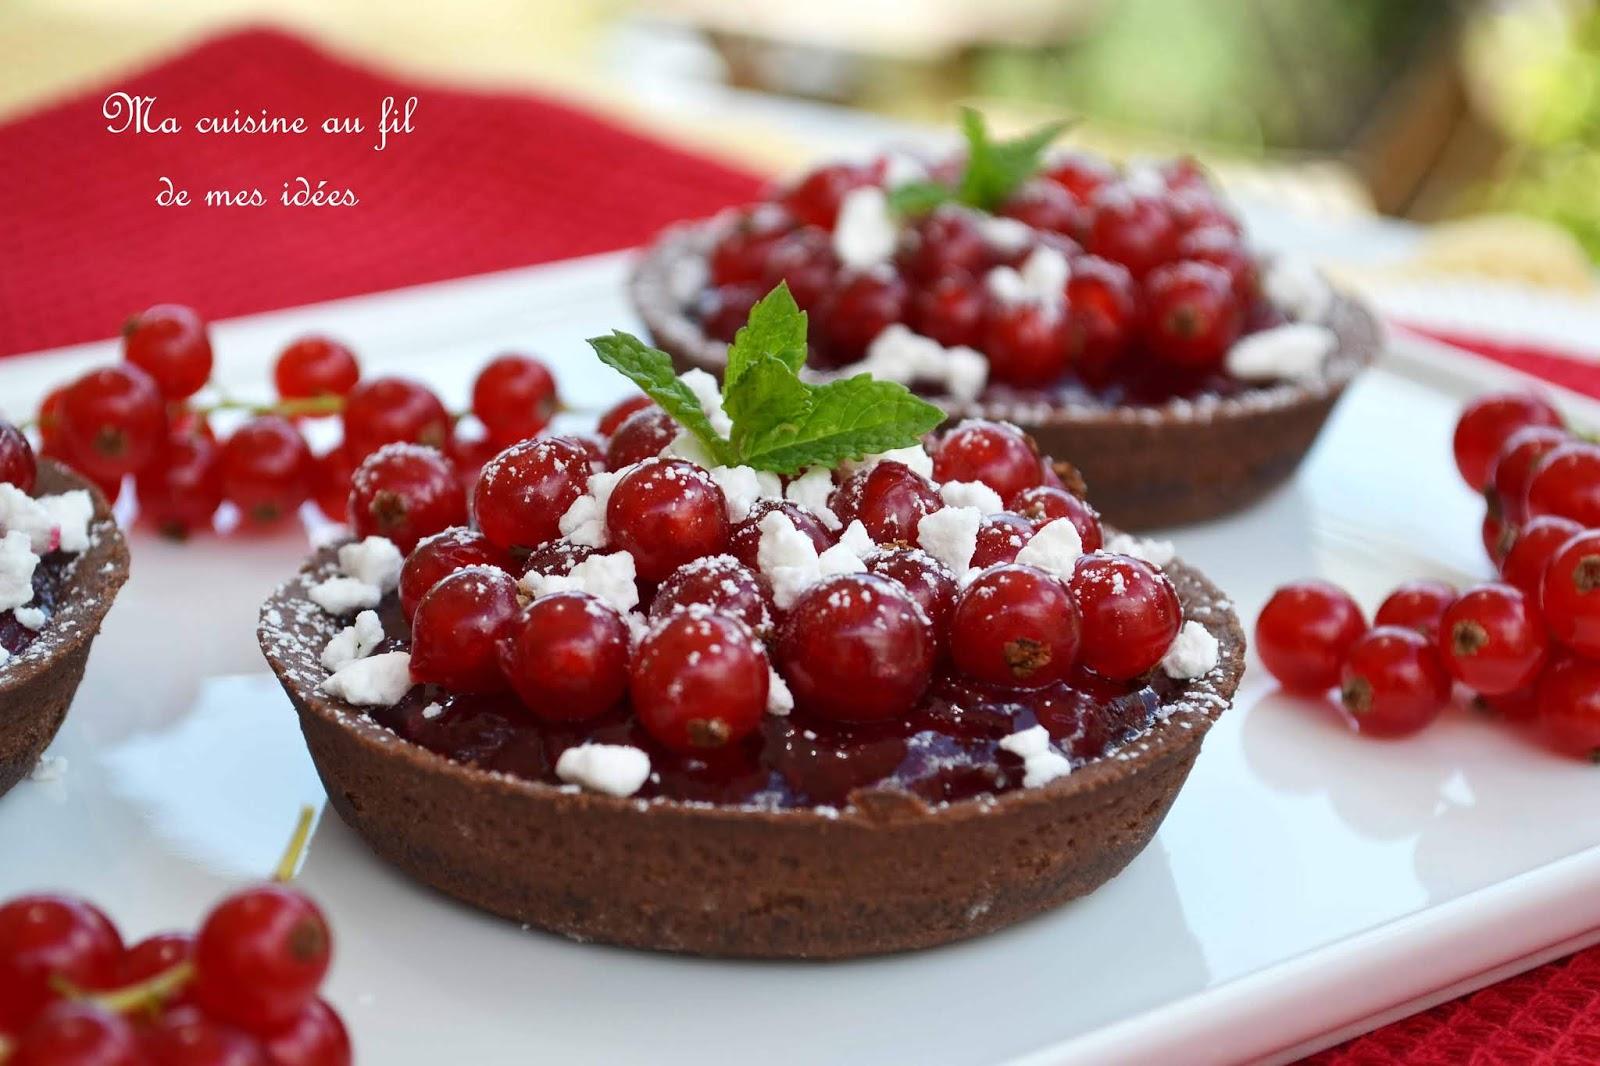 Ma Cuisine Vos Envies ma cuisine au fil de mes idées: tartelettes chocolat aux